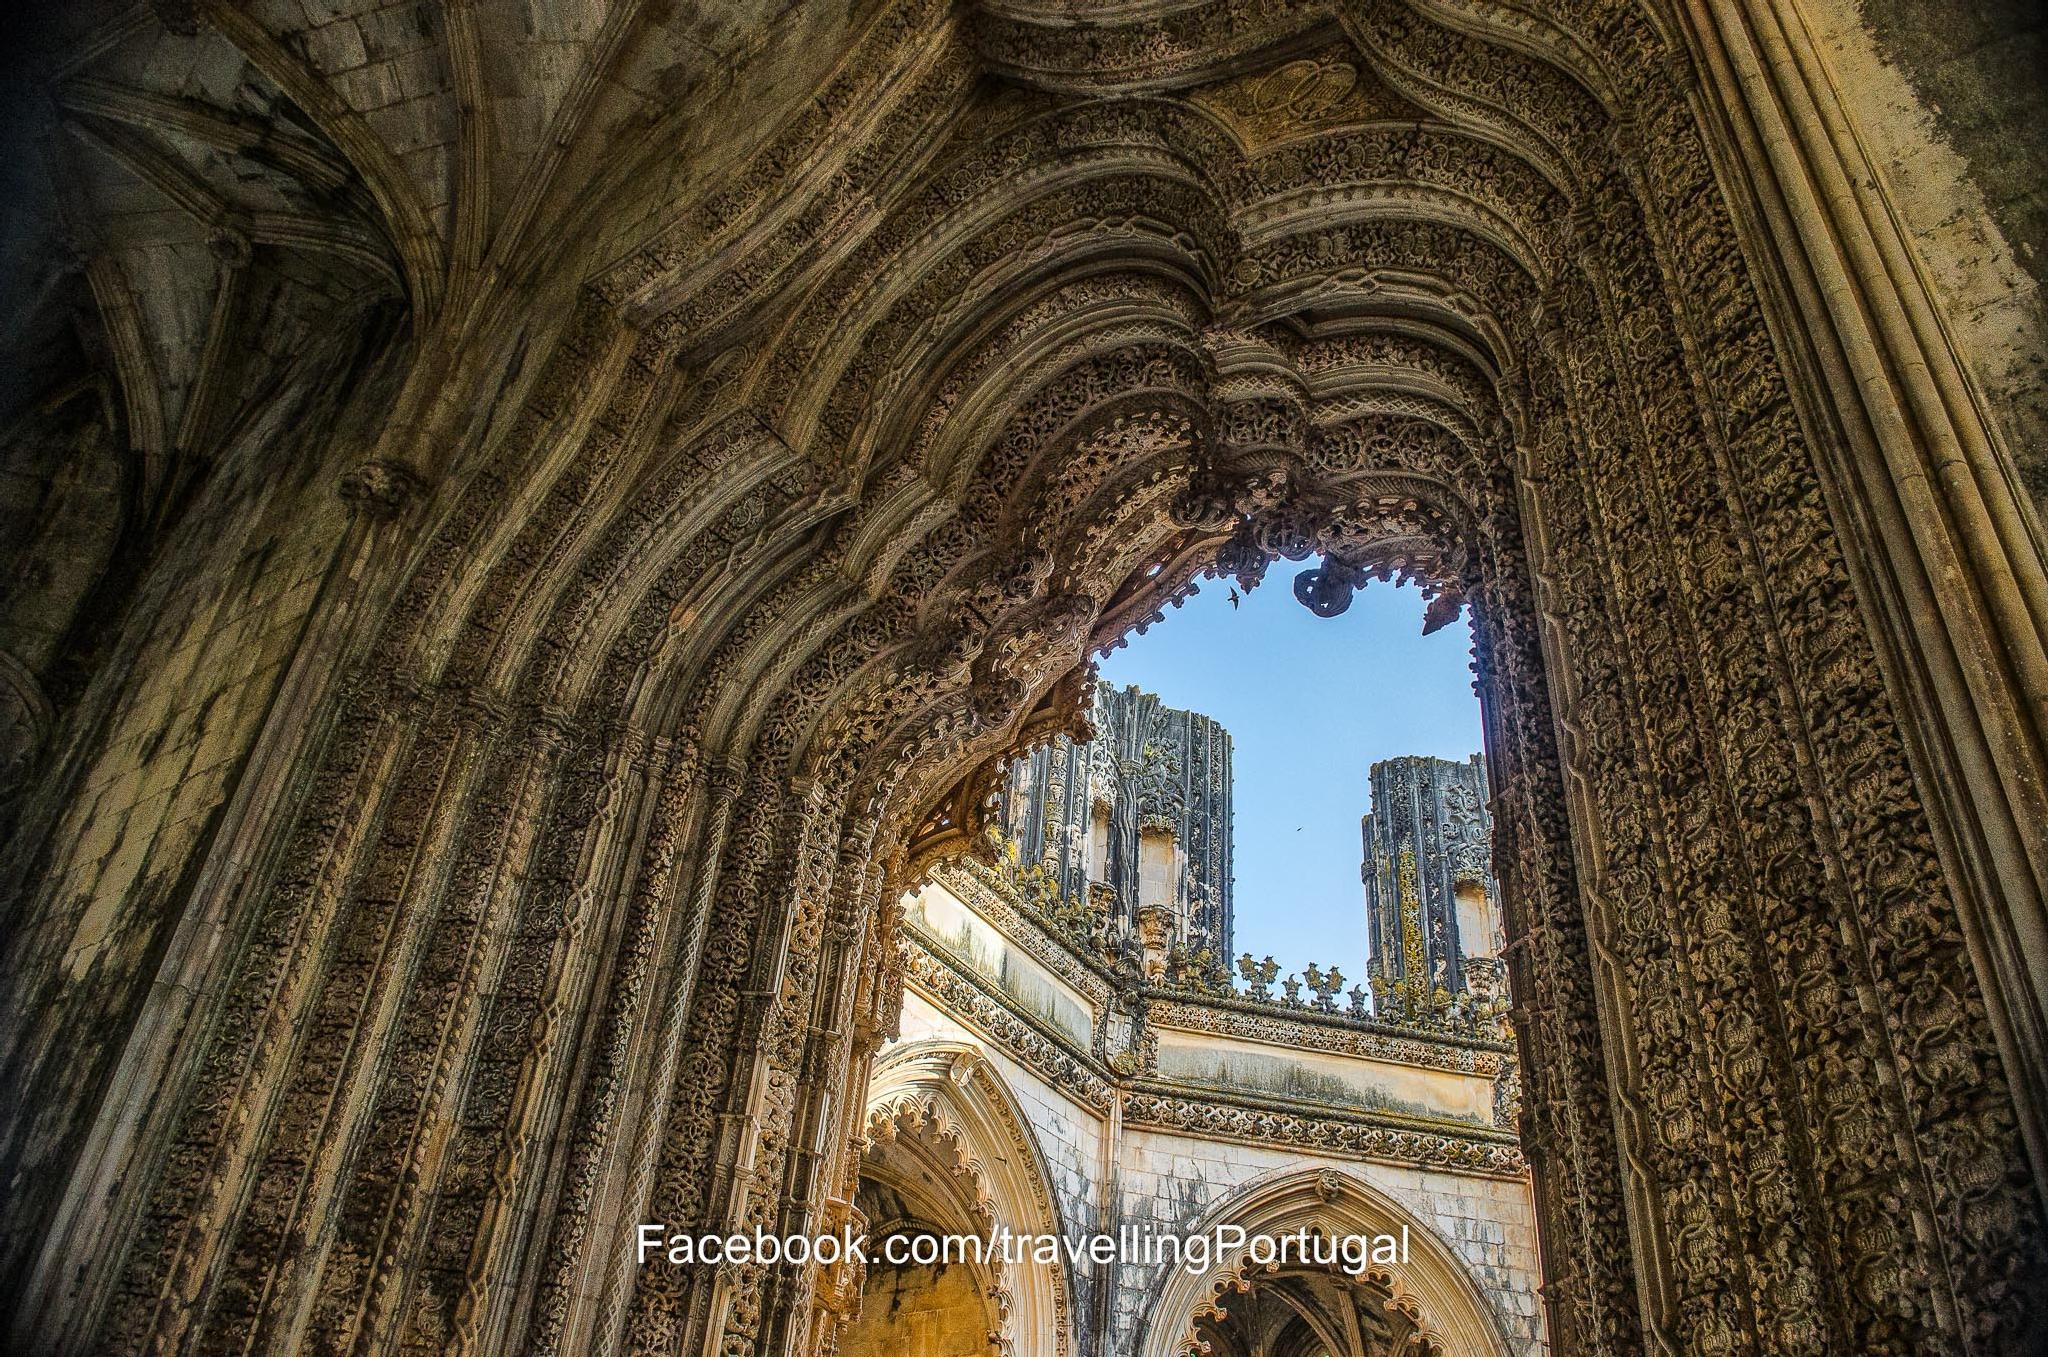 Nas Capelas Imperfeitas, Mosteiro da Batalha by turismoenportugal